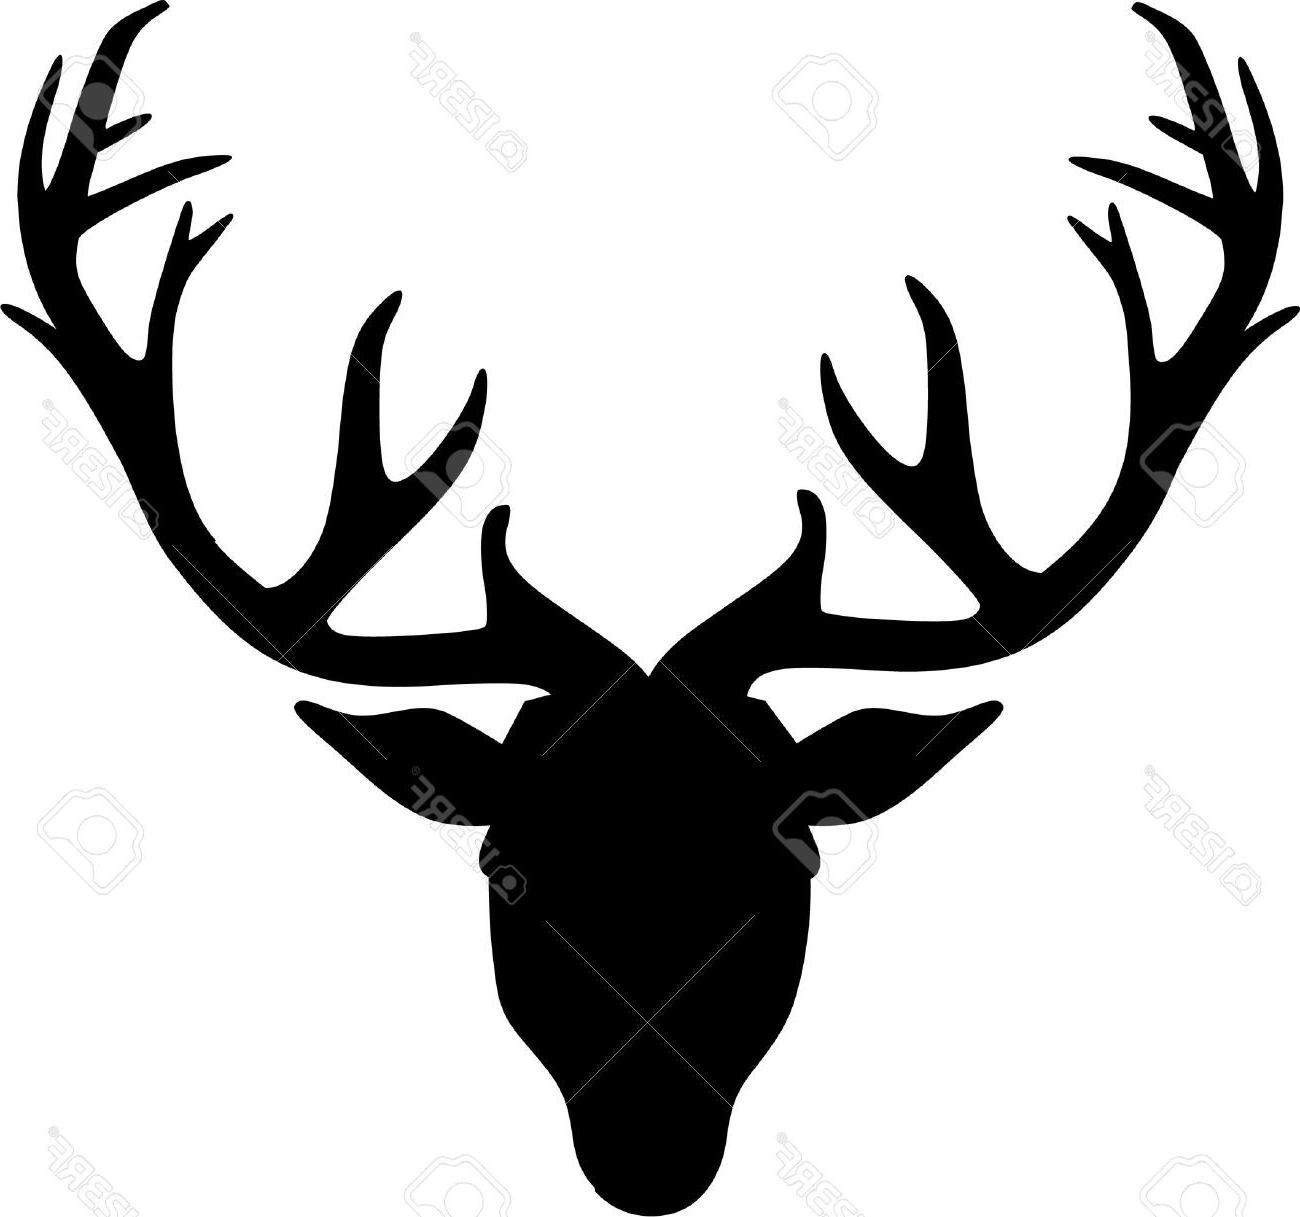 Best Deer Head Outline Clip Art Cdr » Free Vector Art, Images.